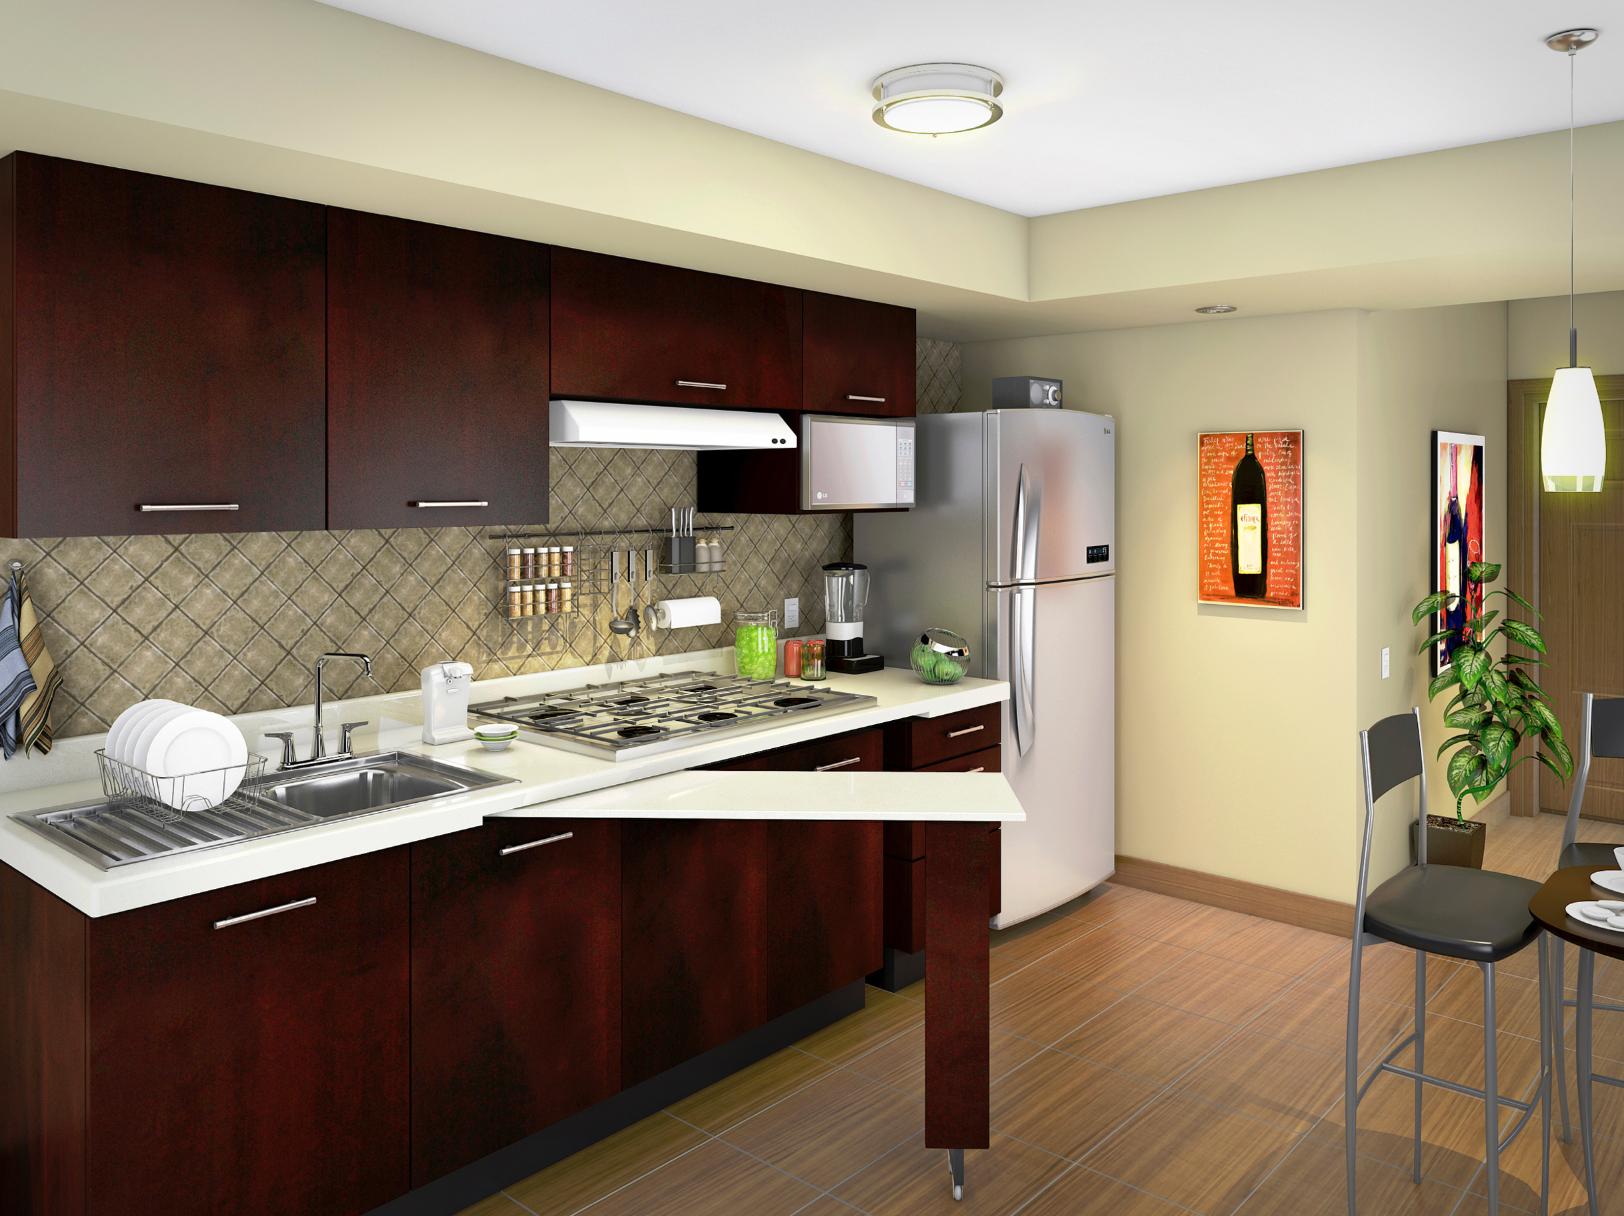 Paquete de cocina messina m design room room and for Disenos de gabinetes de cocina